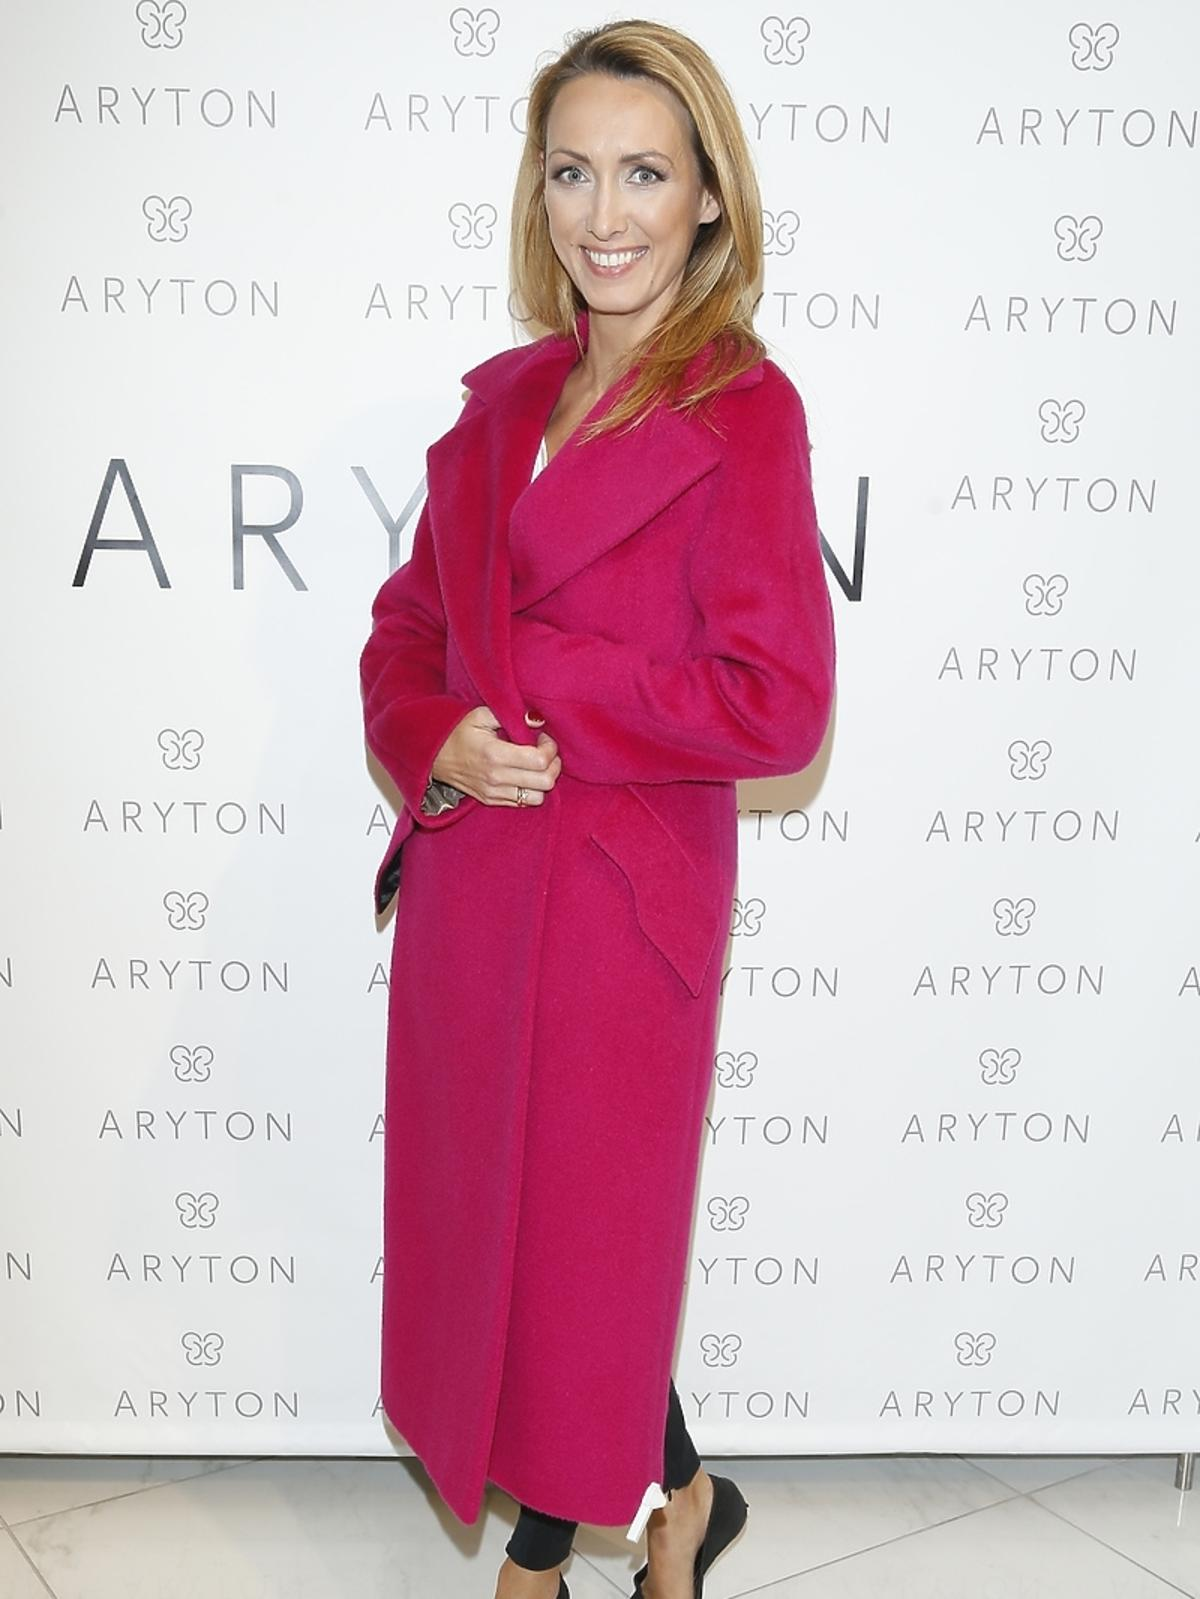 Anna Kalczyńska na pokazie nowej kolekcji marki Aryton